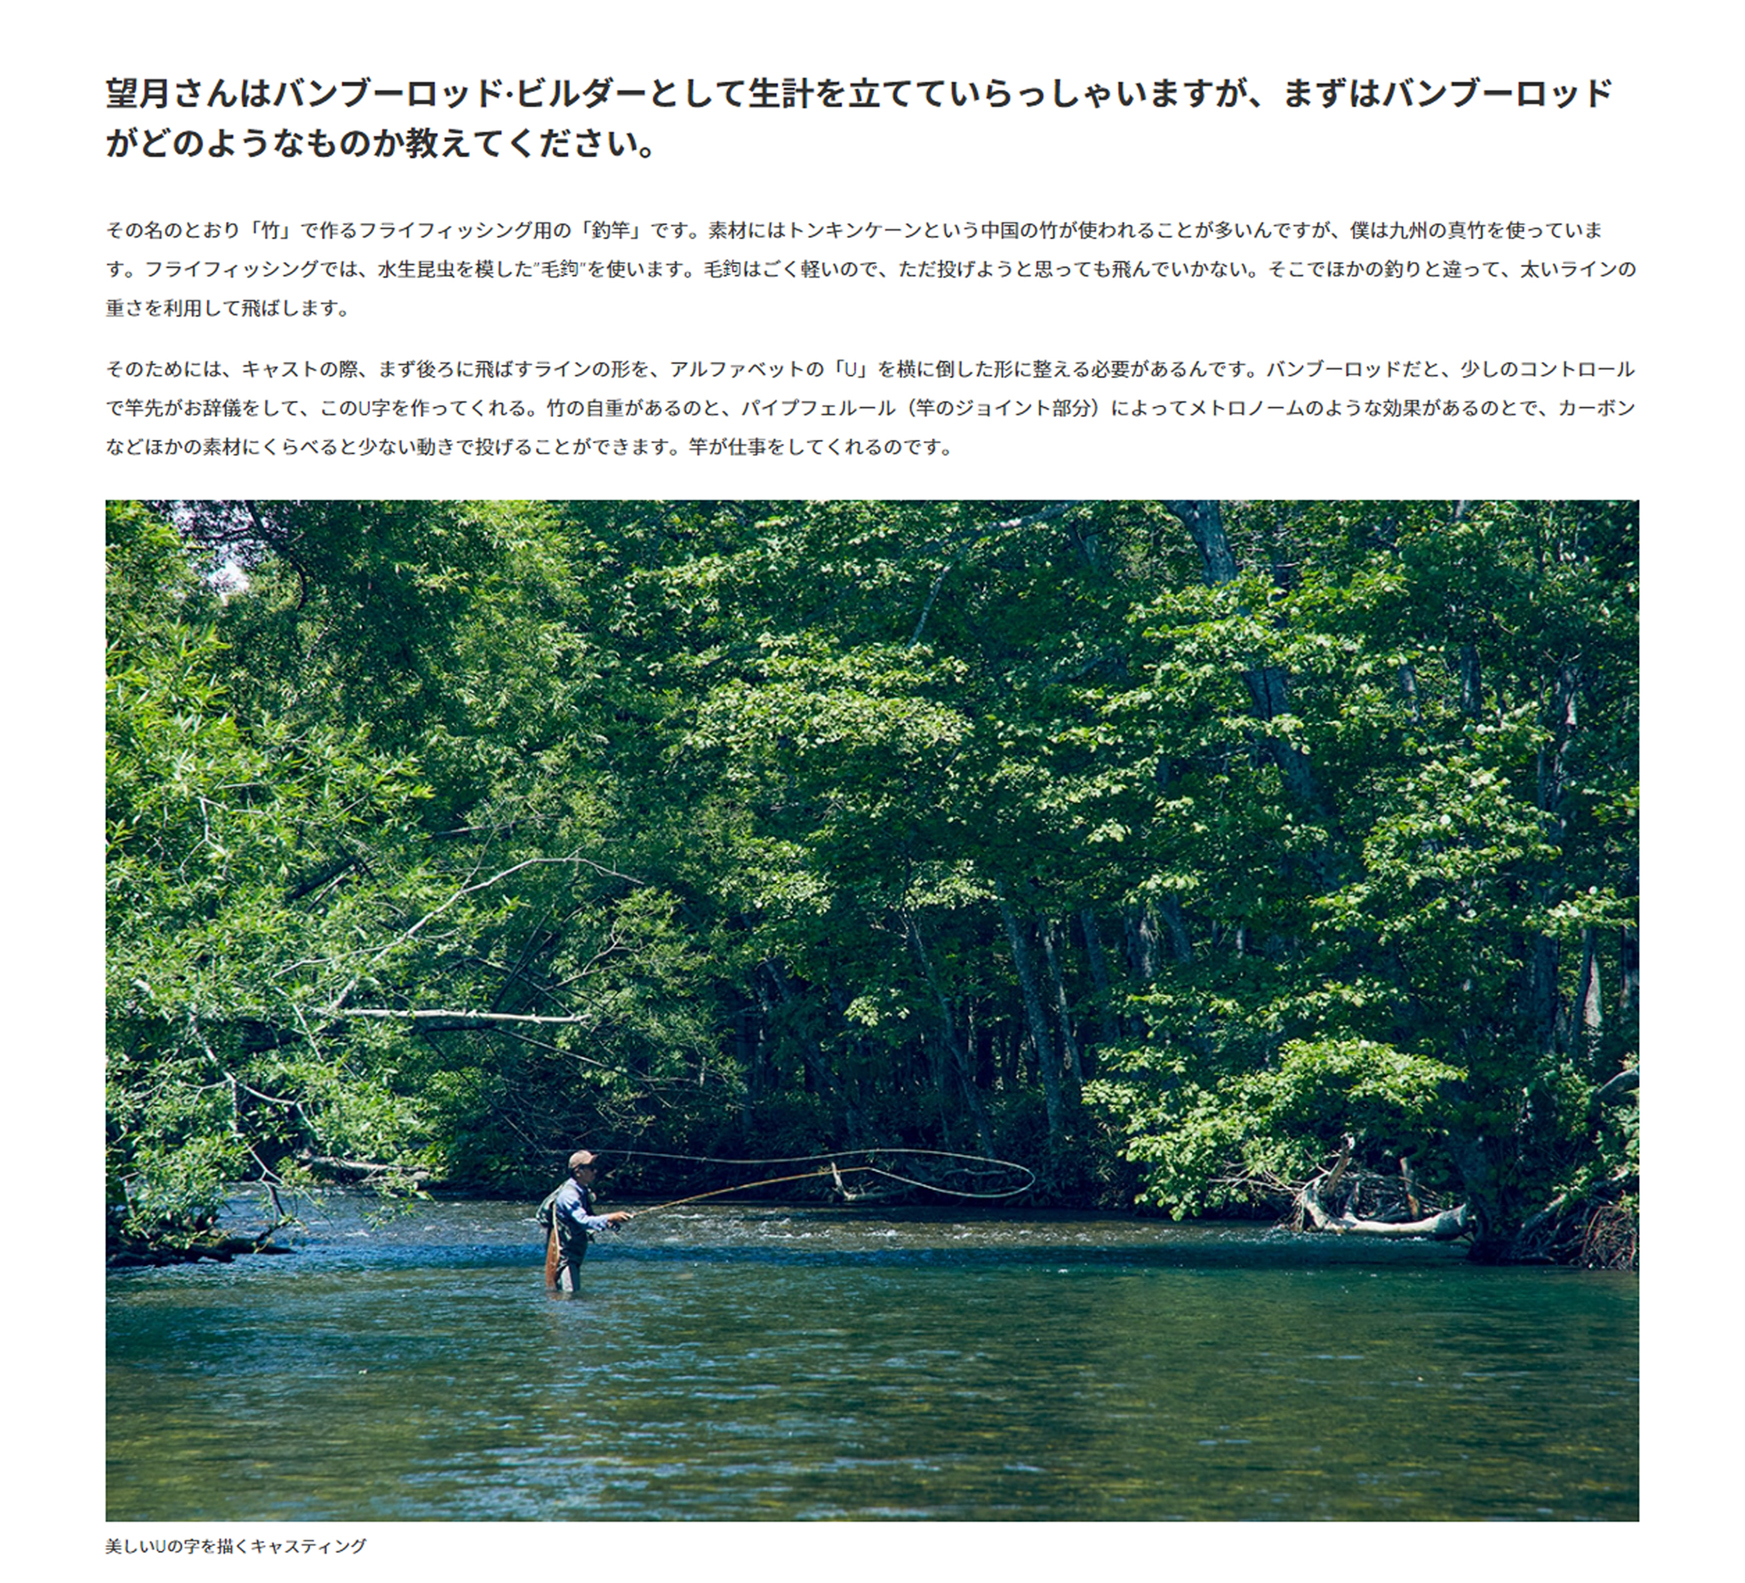 【技に触れる旅】至高のバンブーロッドを求めてトラウト王国・北海道へ行く04